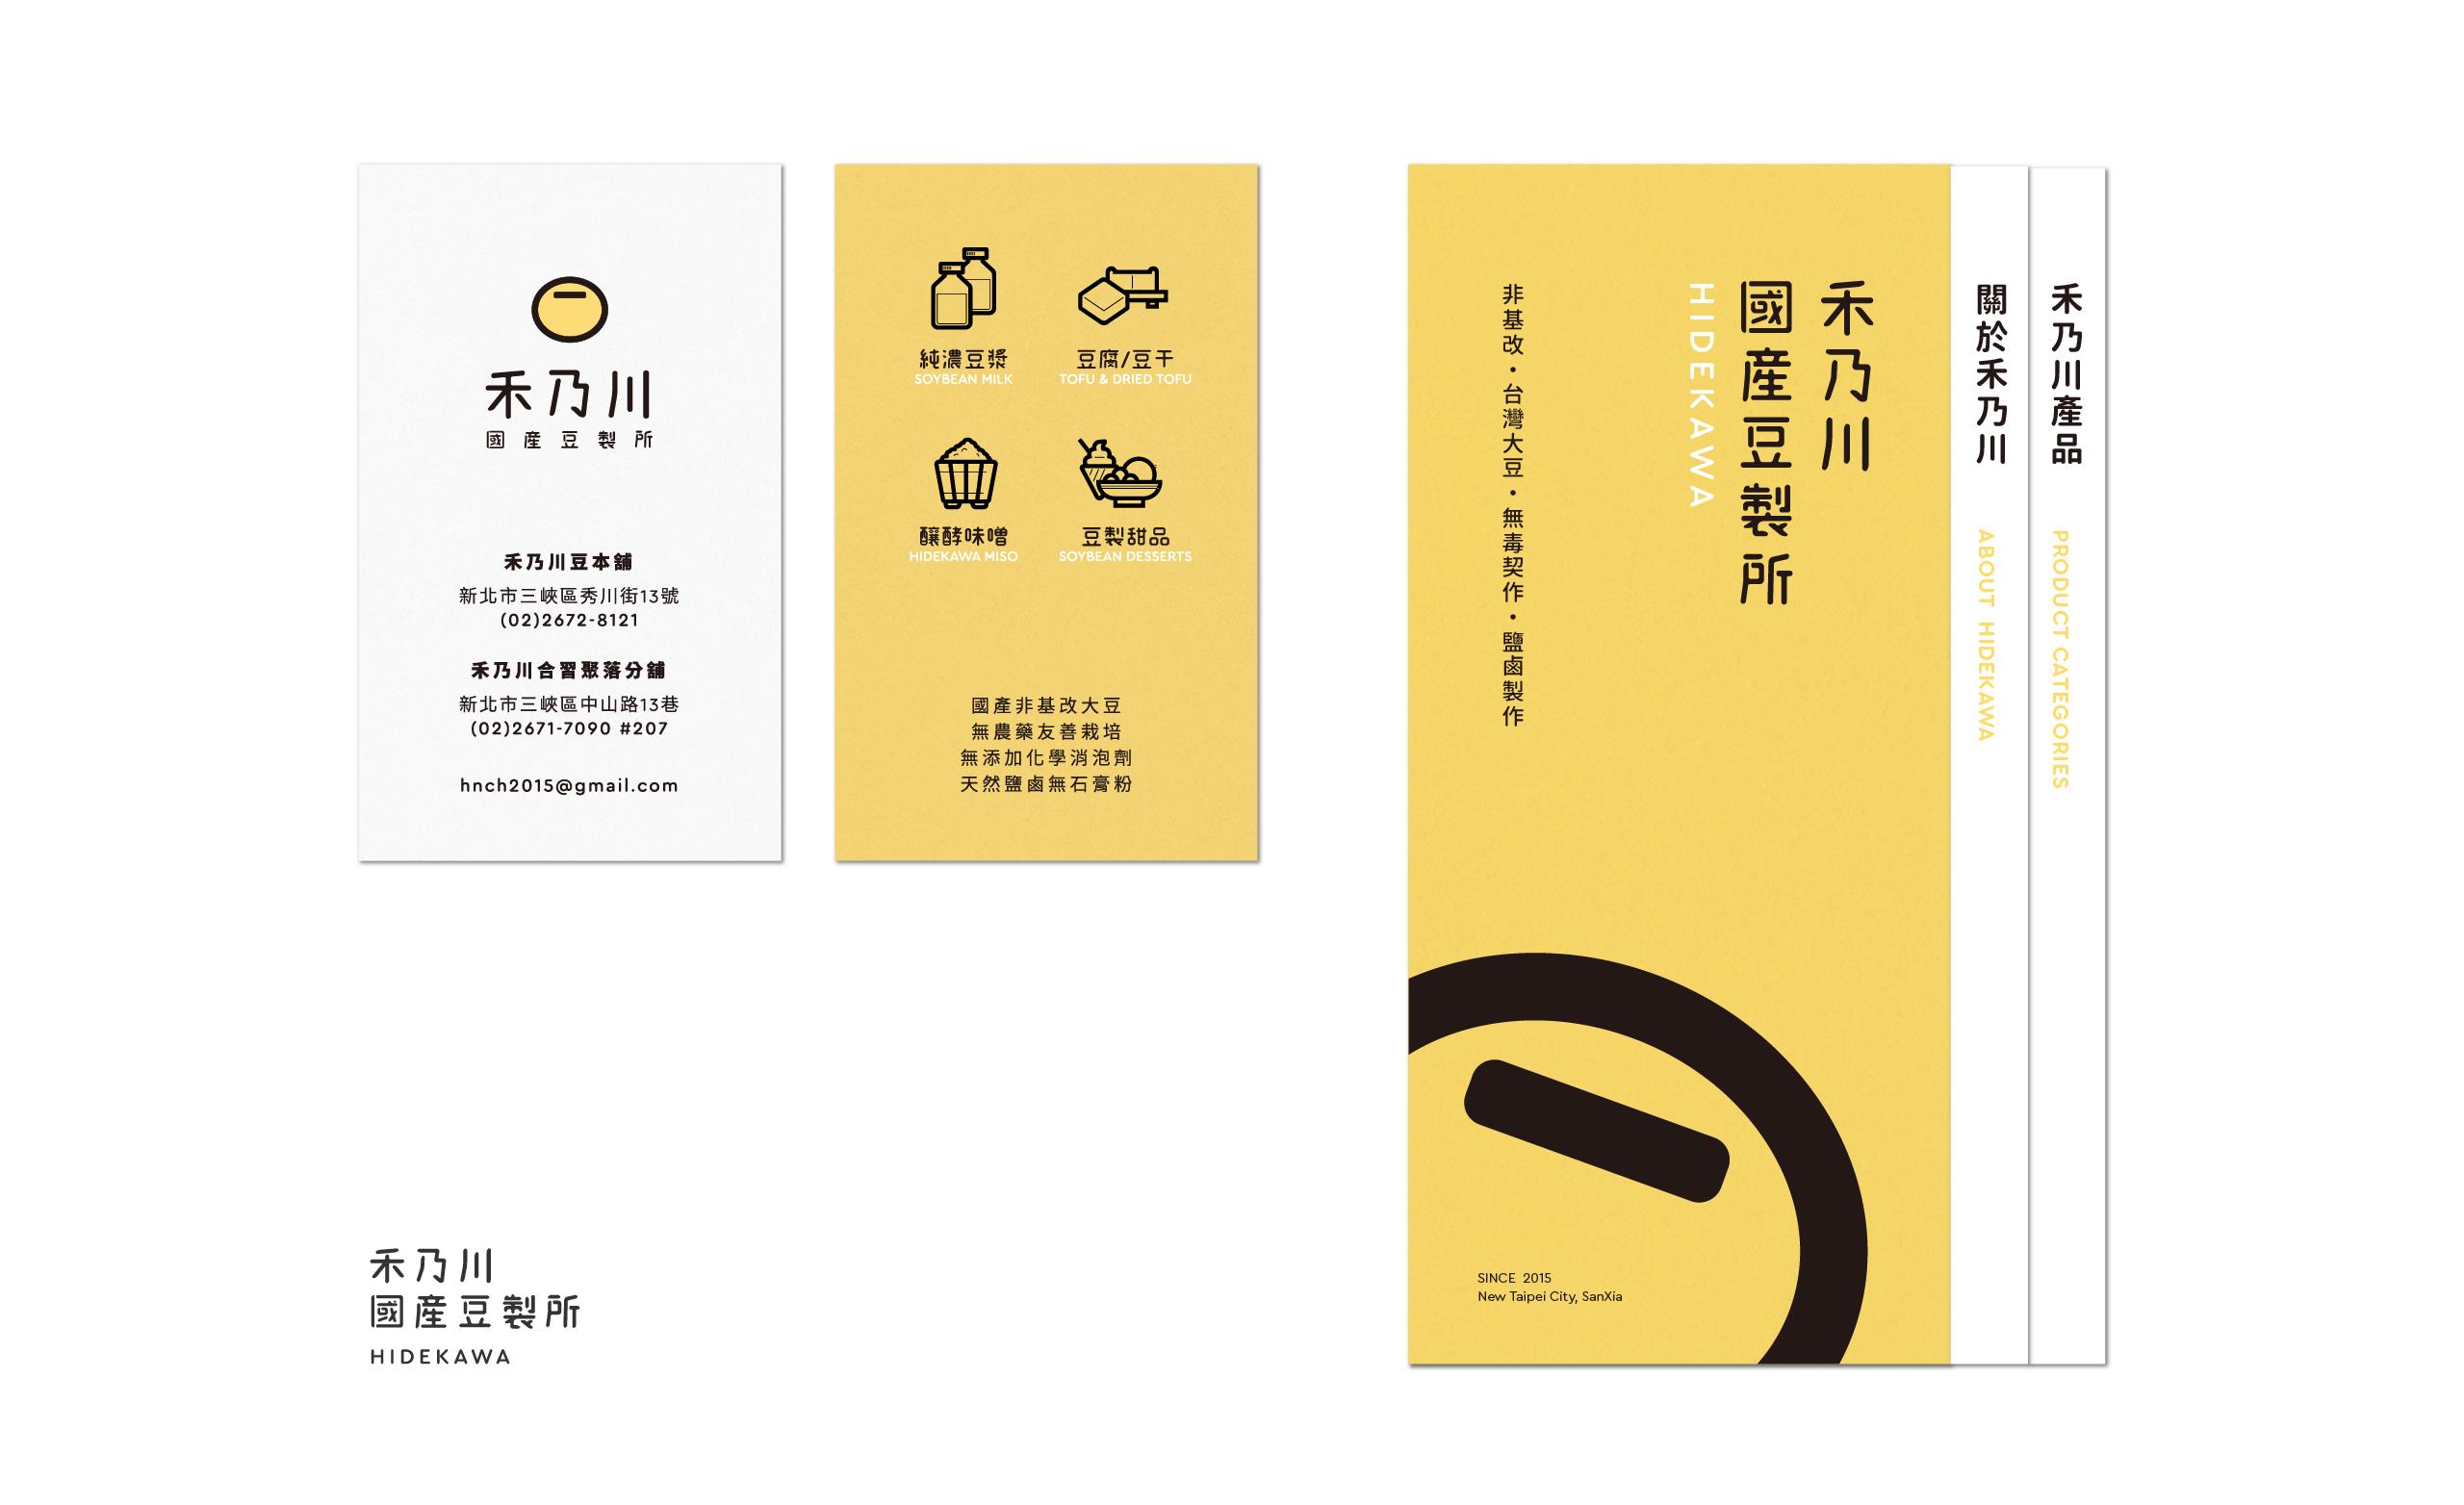 禾乃川國產豆製所,名字取自三峽歷史上的第一條街『秀川街』,將秀字拆開後變成了『禾乃川』。  圖像中的『一』代表了位在三峽的第一條街,也象徵了當時開墾三峽的第一批先民一樣,期許品牌在市場上扮演是一個開創者與開拓者,在食品安全風暴中的台灣,作為一個食品業者的表率。  | 甘樂文創 | 甘之如飴,樂在其中